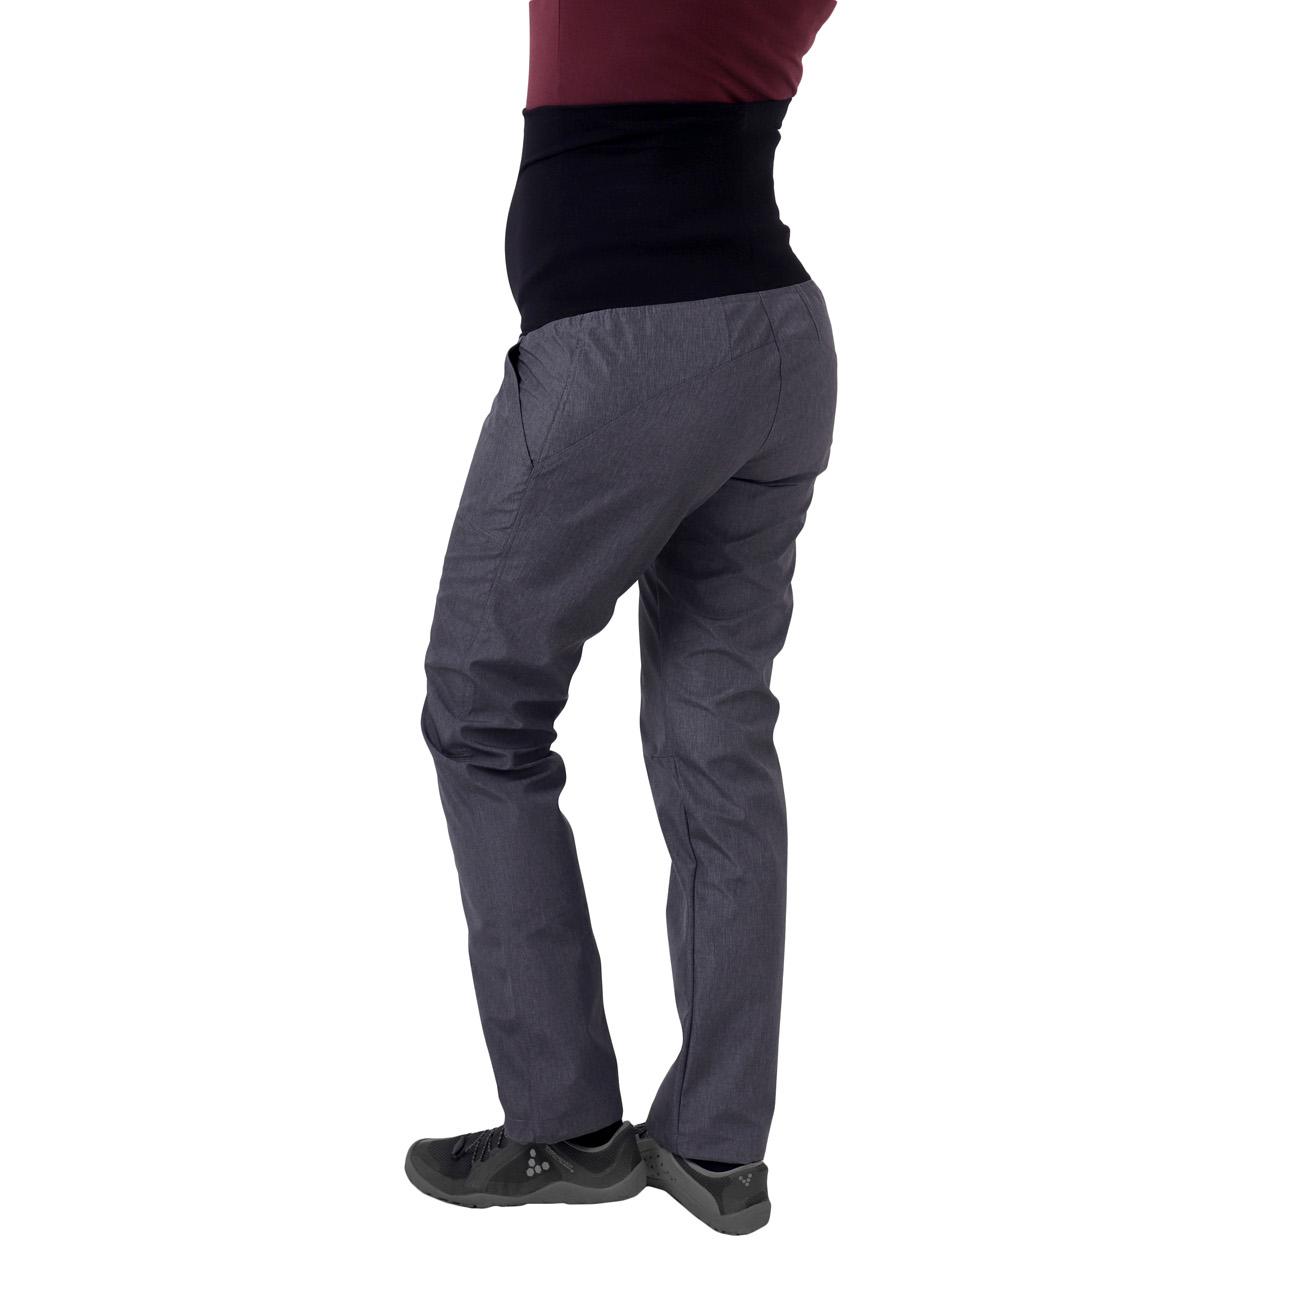 Jarní/letní těhotenské softshellové kalhoty liva, šedý melír, 38 prodloužené